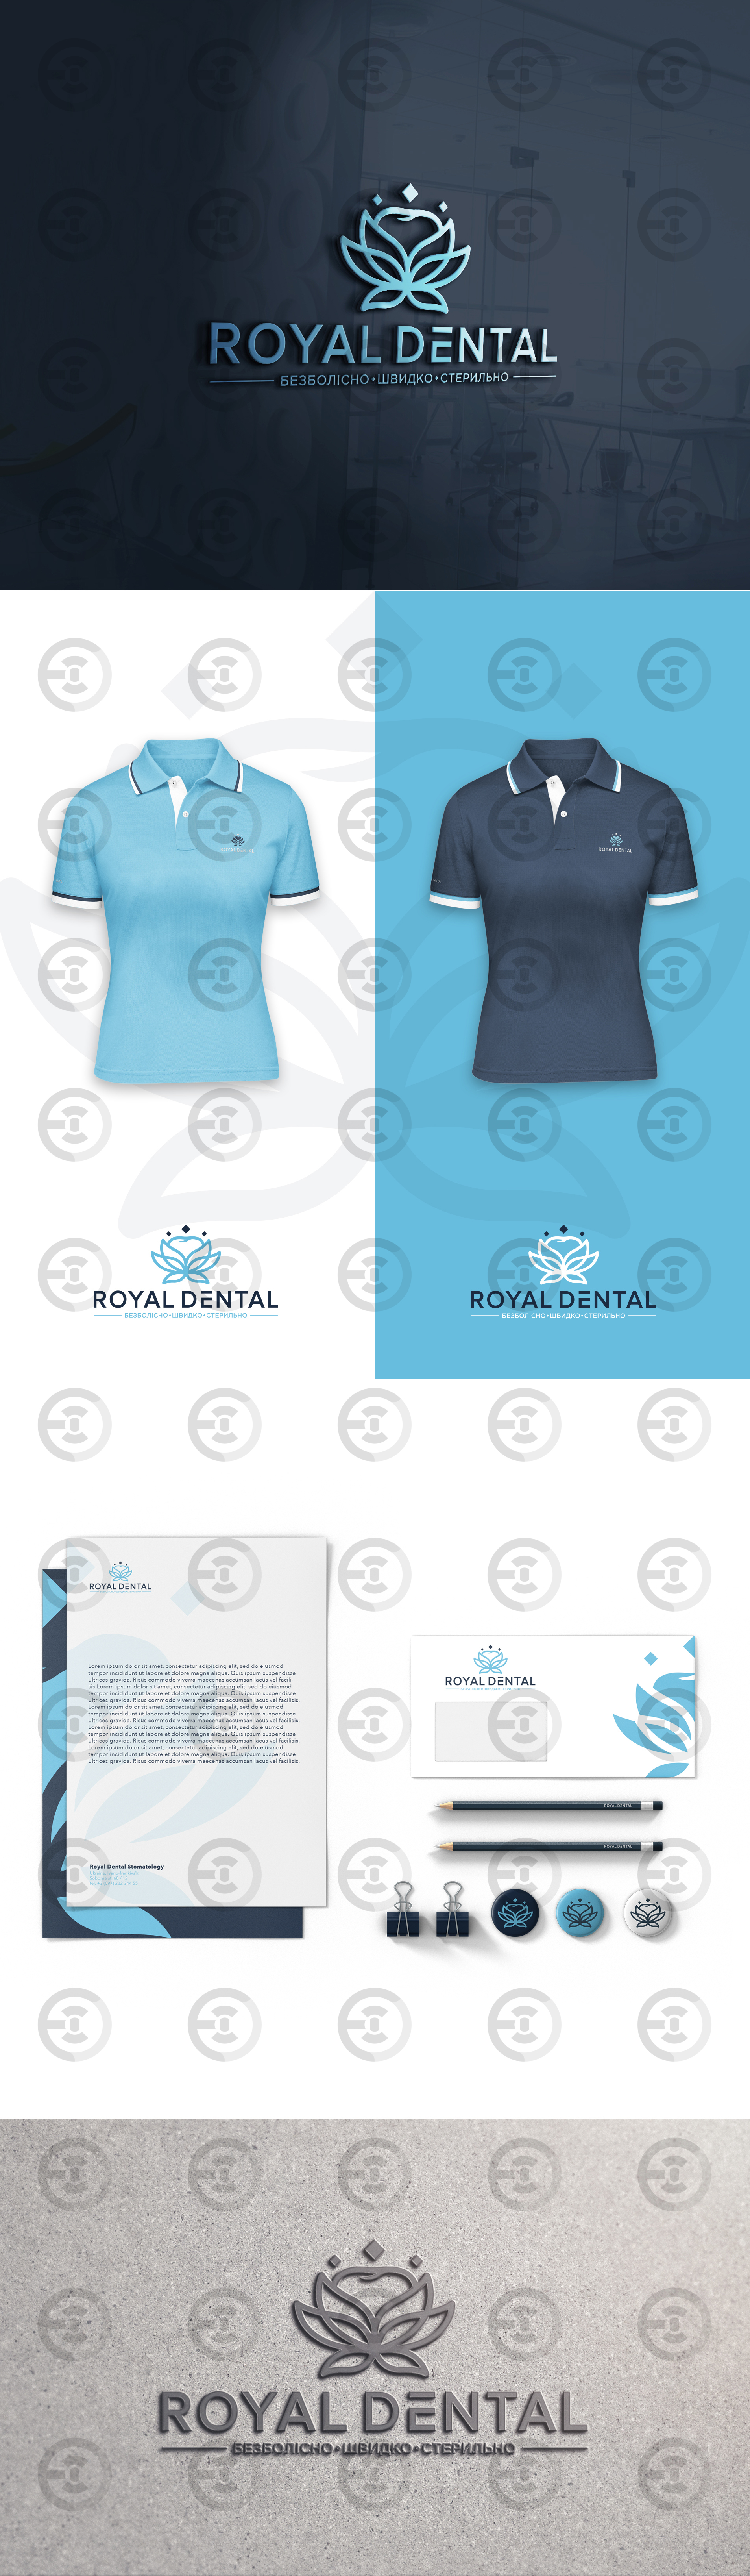 royaldental.jpg